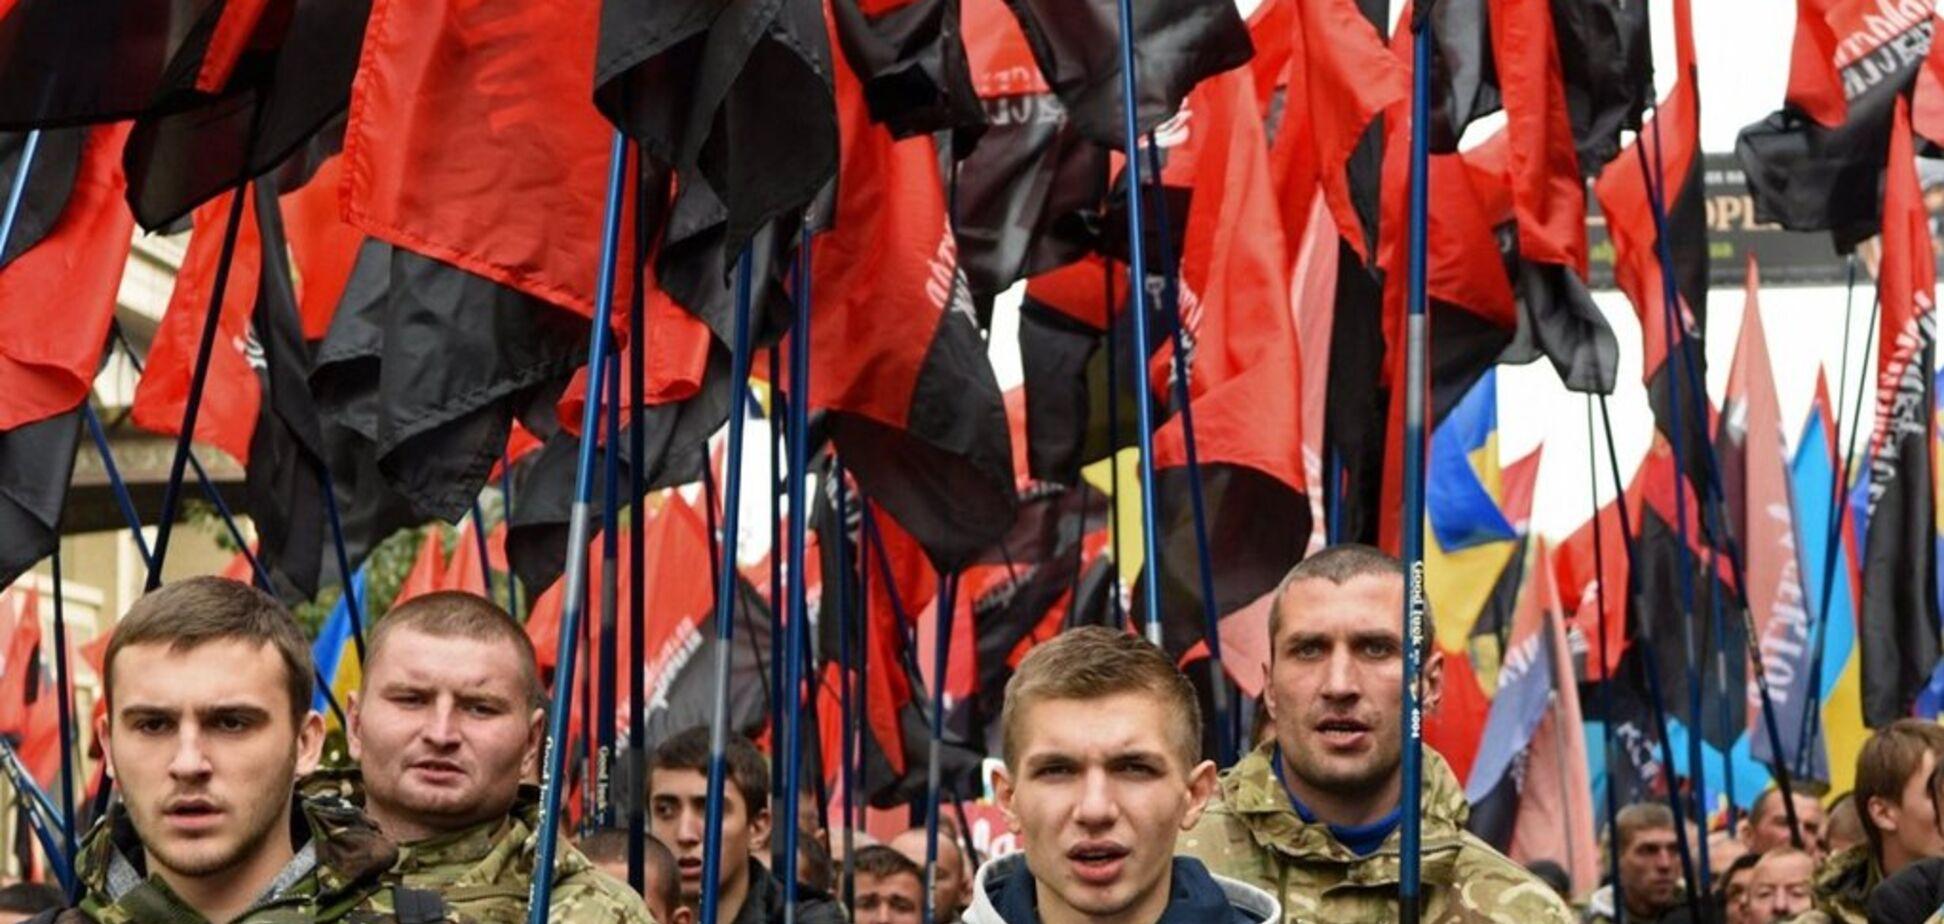 Марш УПА в Киеве: в 'Правом секторе' предупредили о провокациях